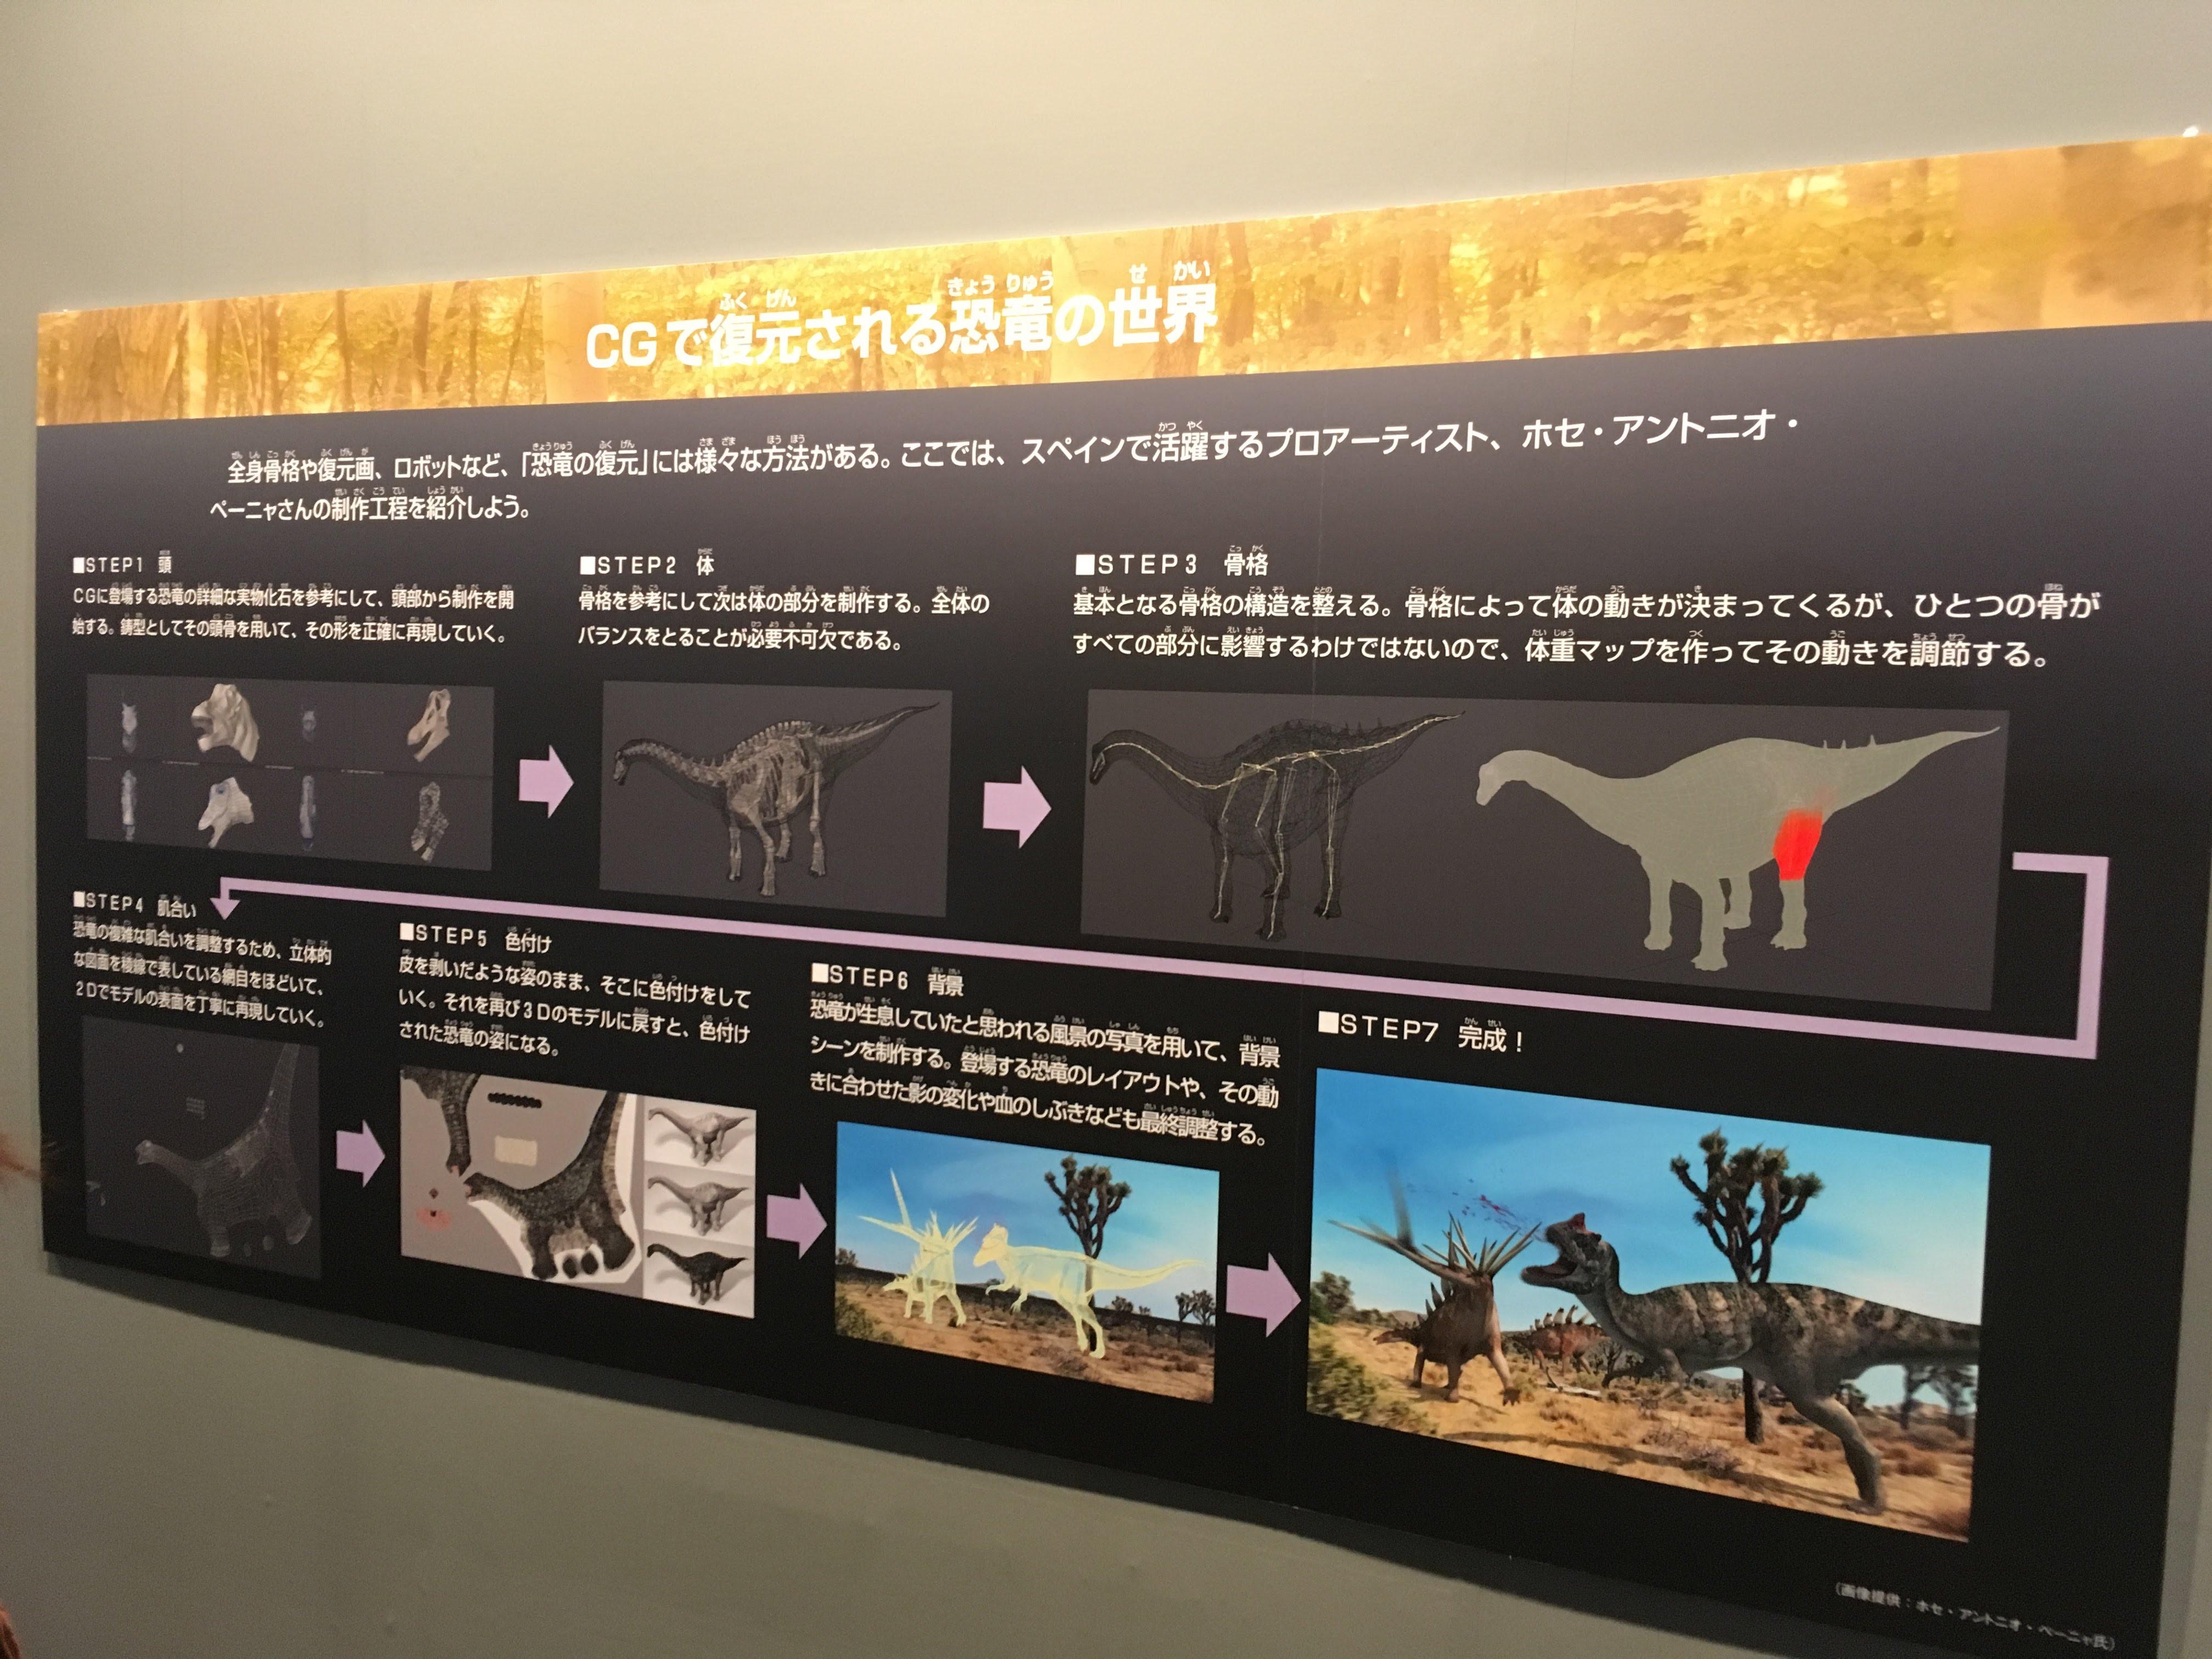 CGで恐竜を復元